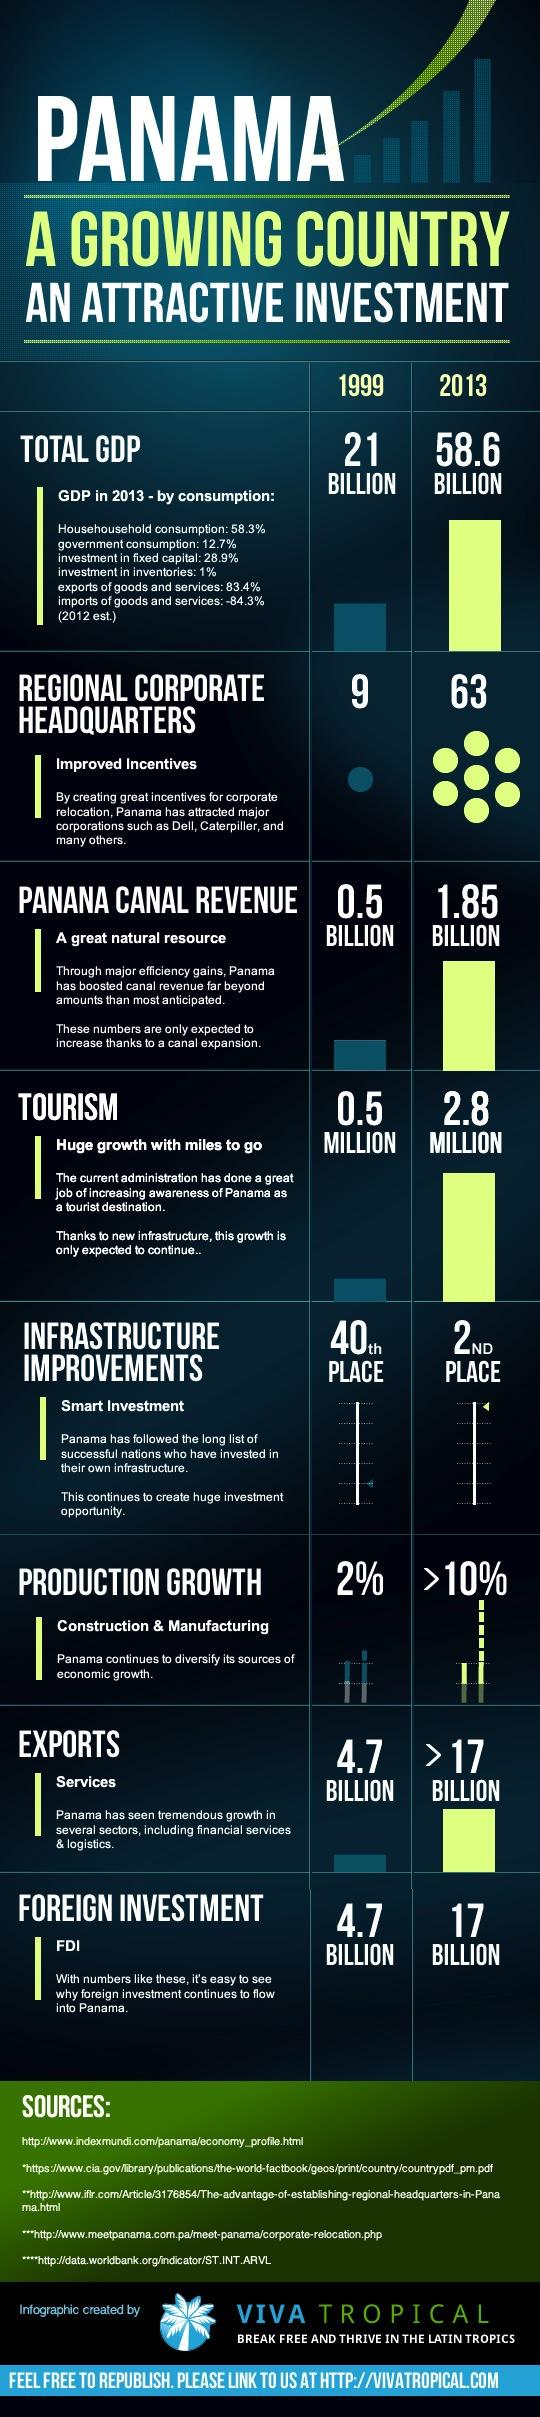 Panama Economy Growth Infographic